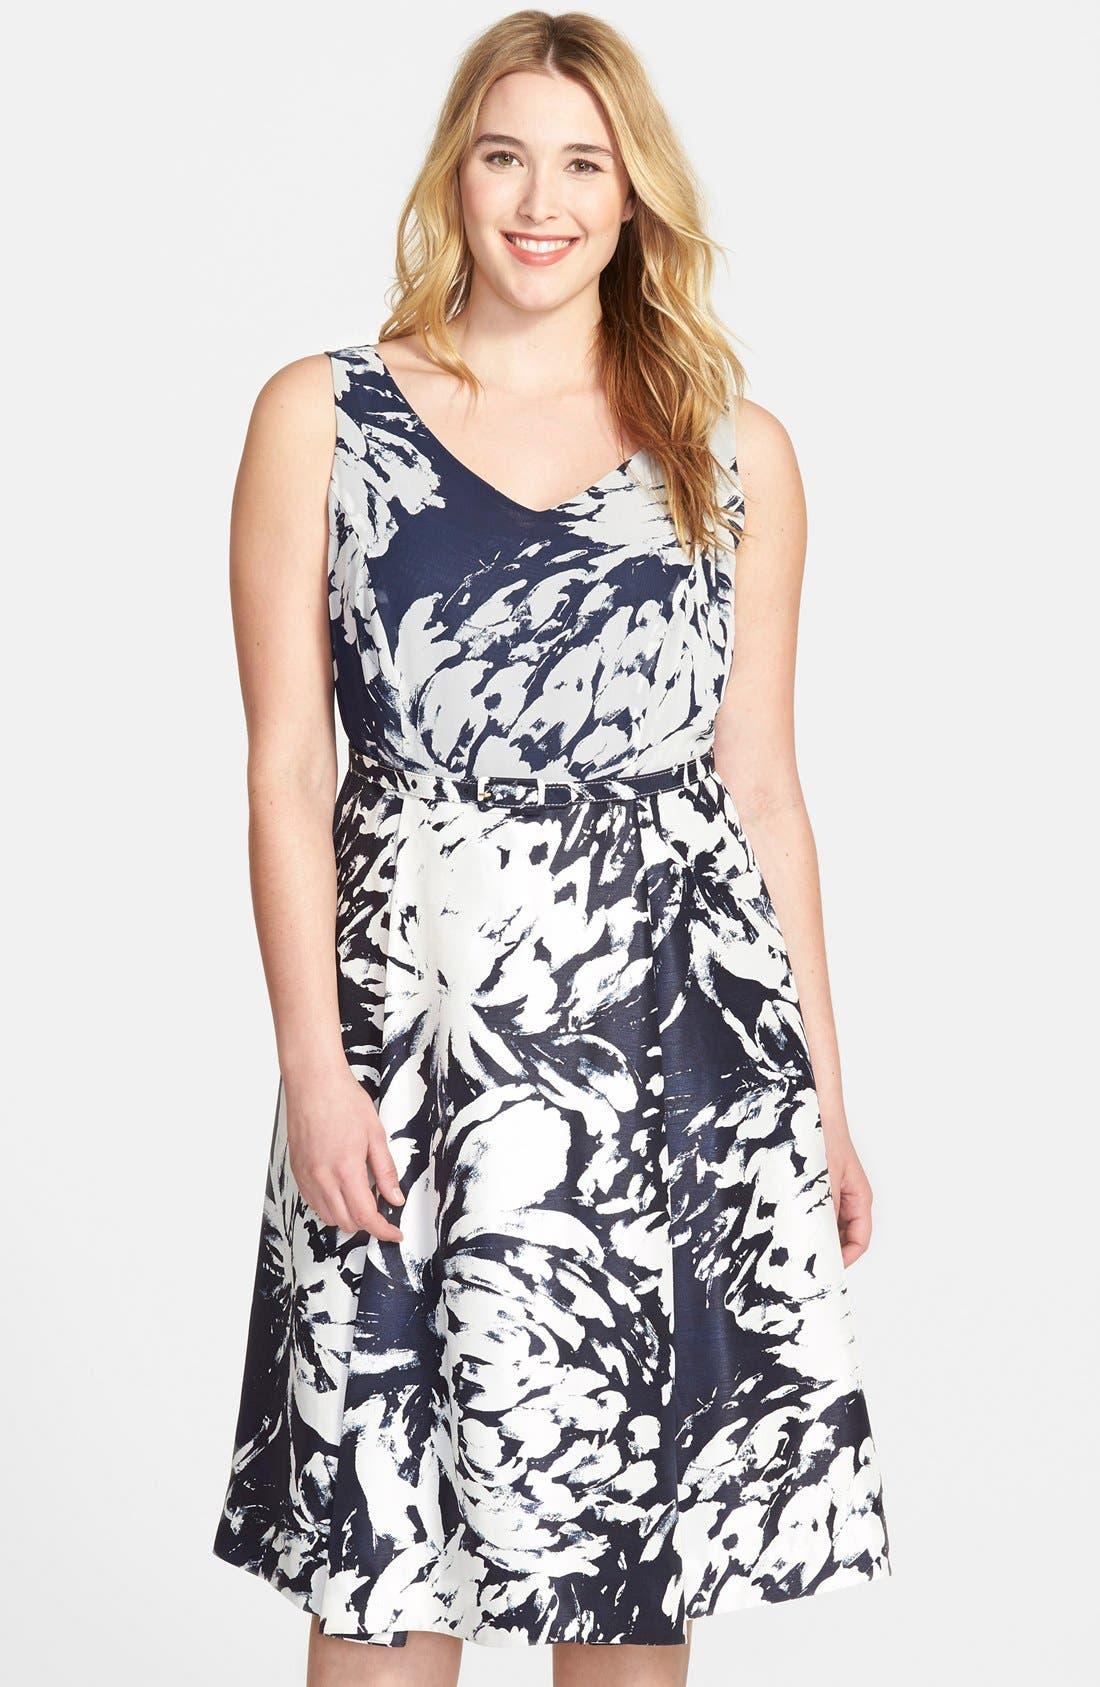 Alternate Image 1 Selected - Taylor Dresses Floral  V-Neck Fit & Flare Dress  (Plus Size)